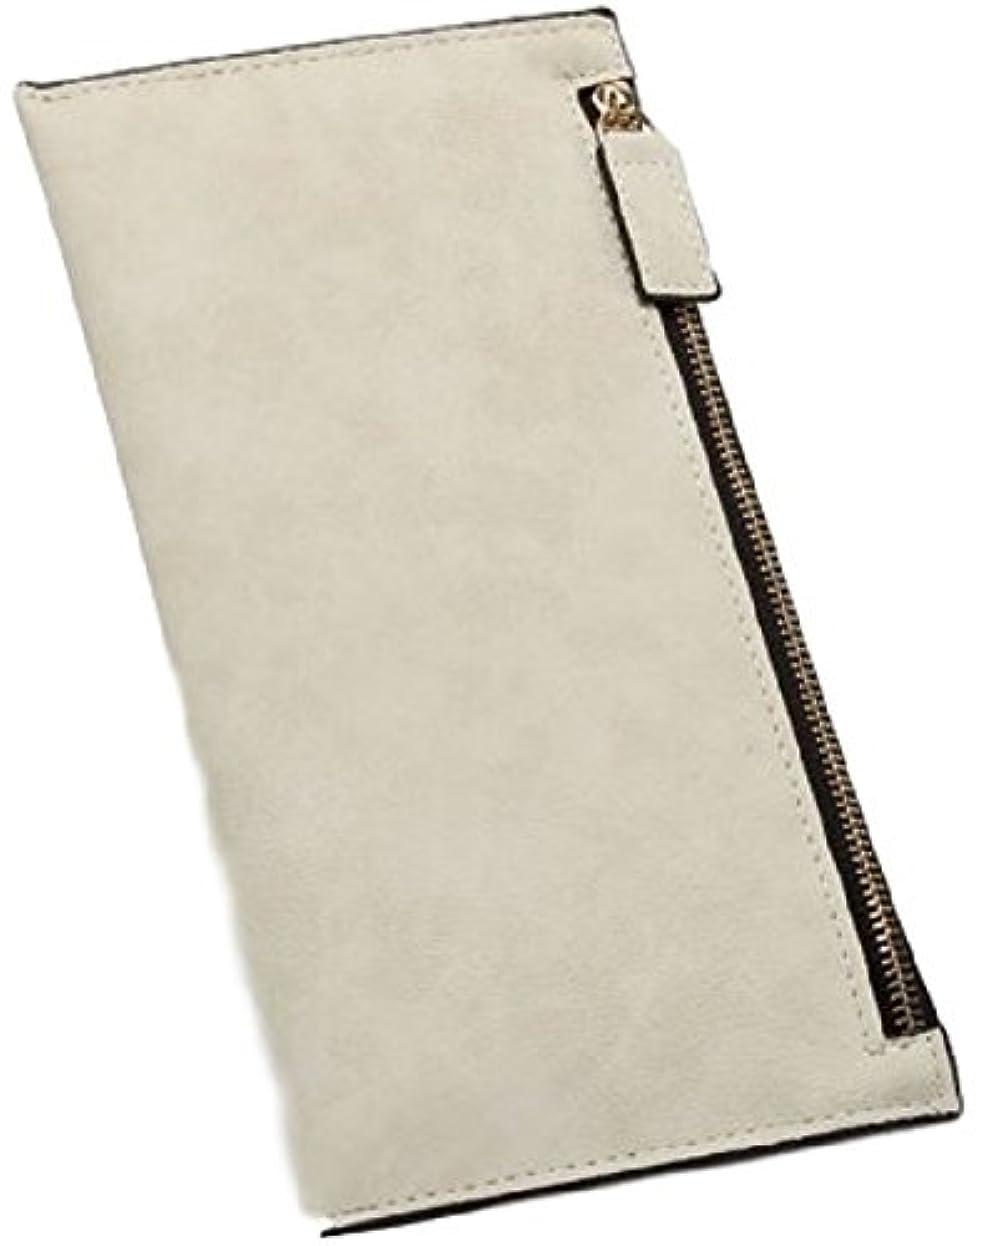 失うライラックモスエレガント コンパクト スマート セカンド サブ 財布 薄い 軽い スリム カード 入れ シンプル デザイン メンズ レディース 兼用 ビジネス プレゼント